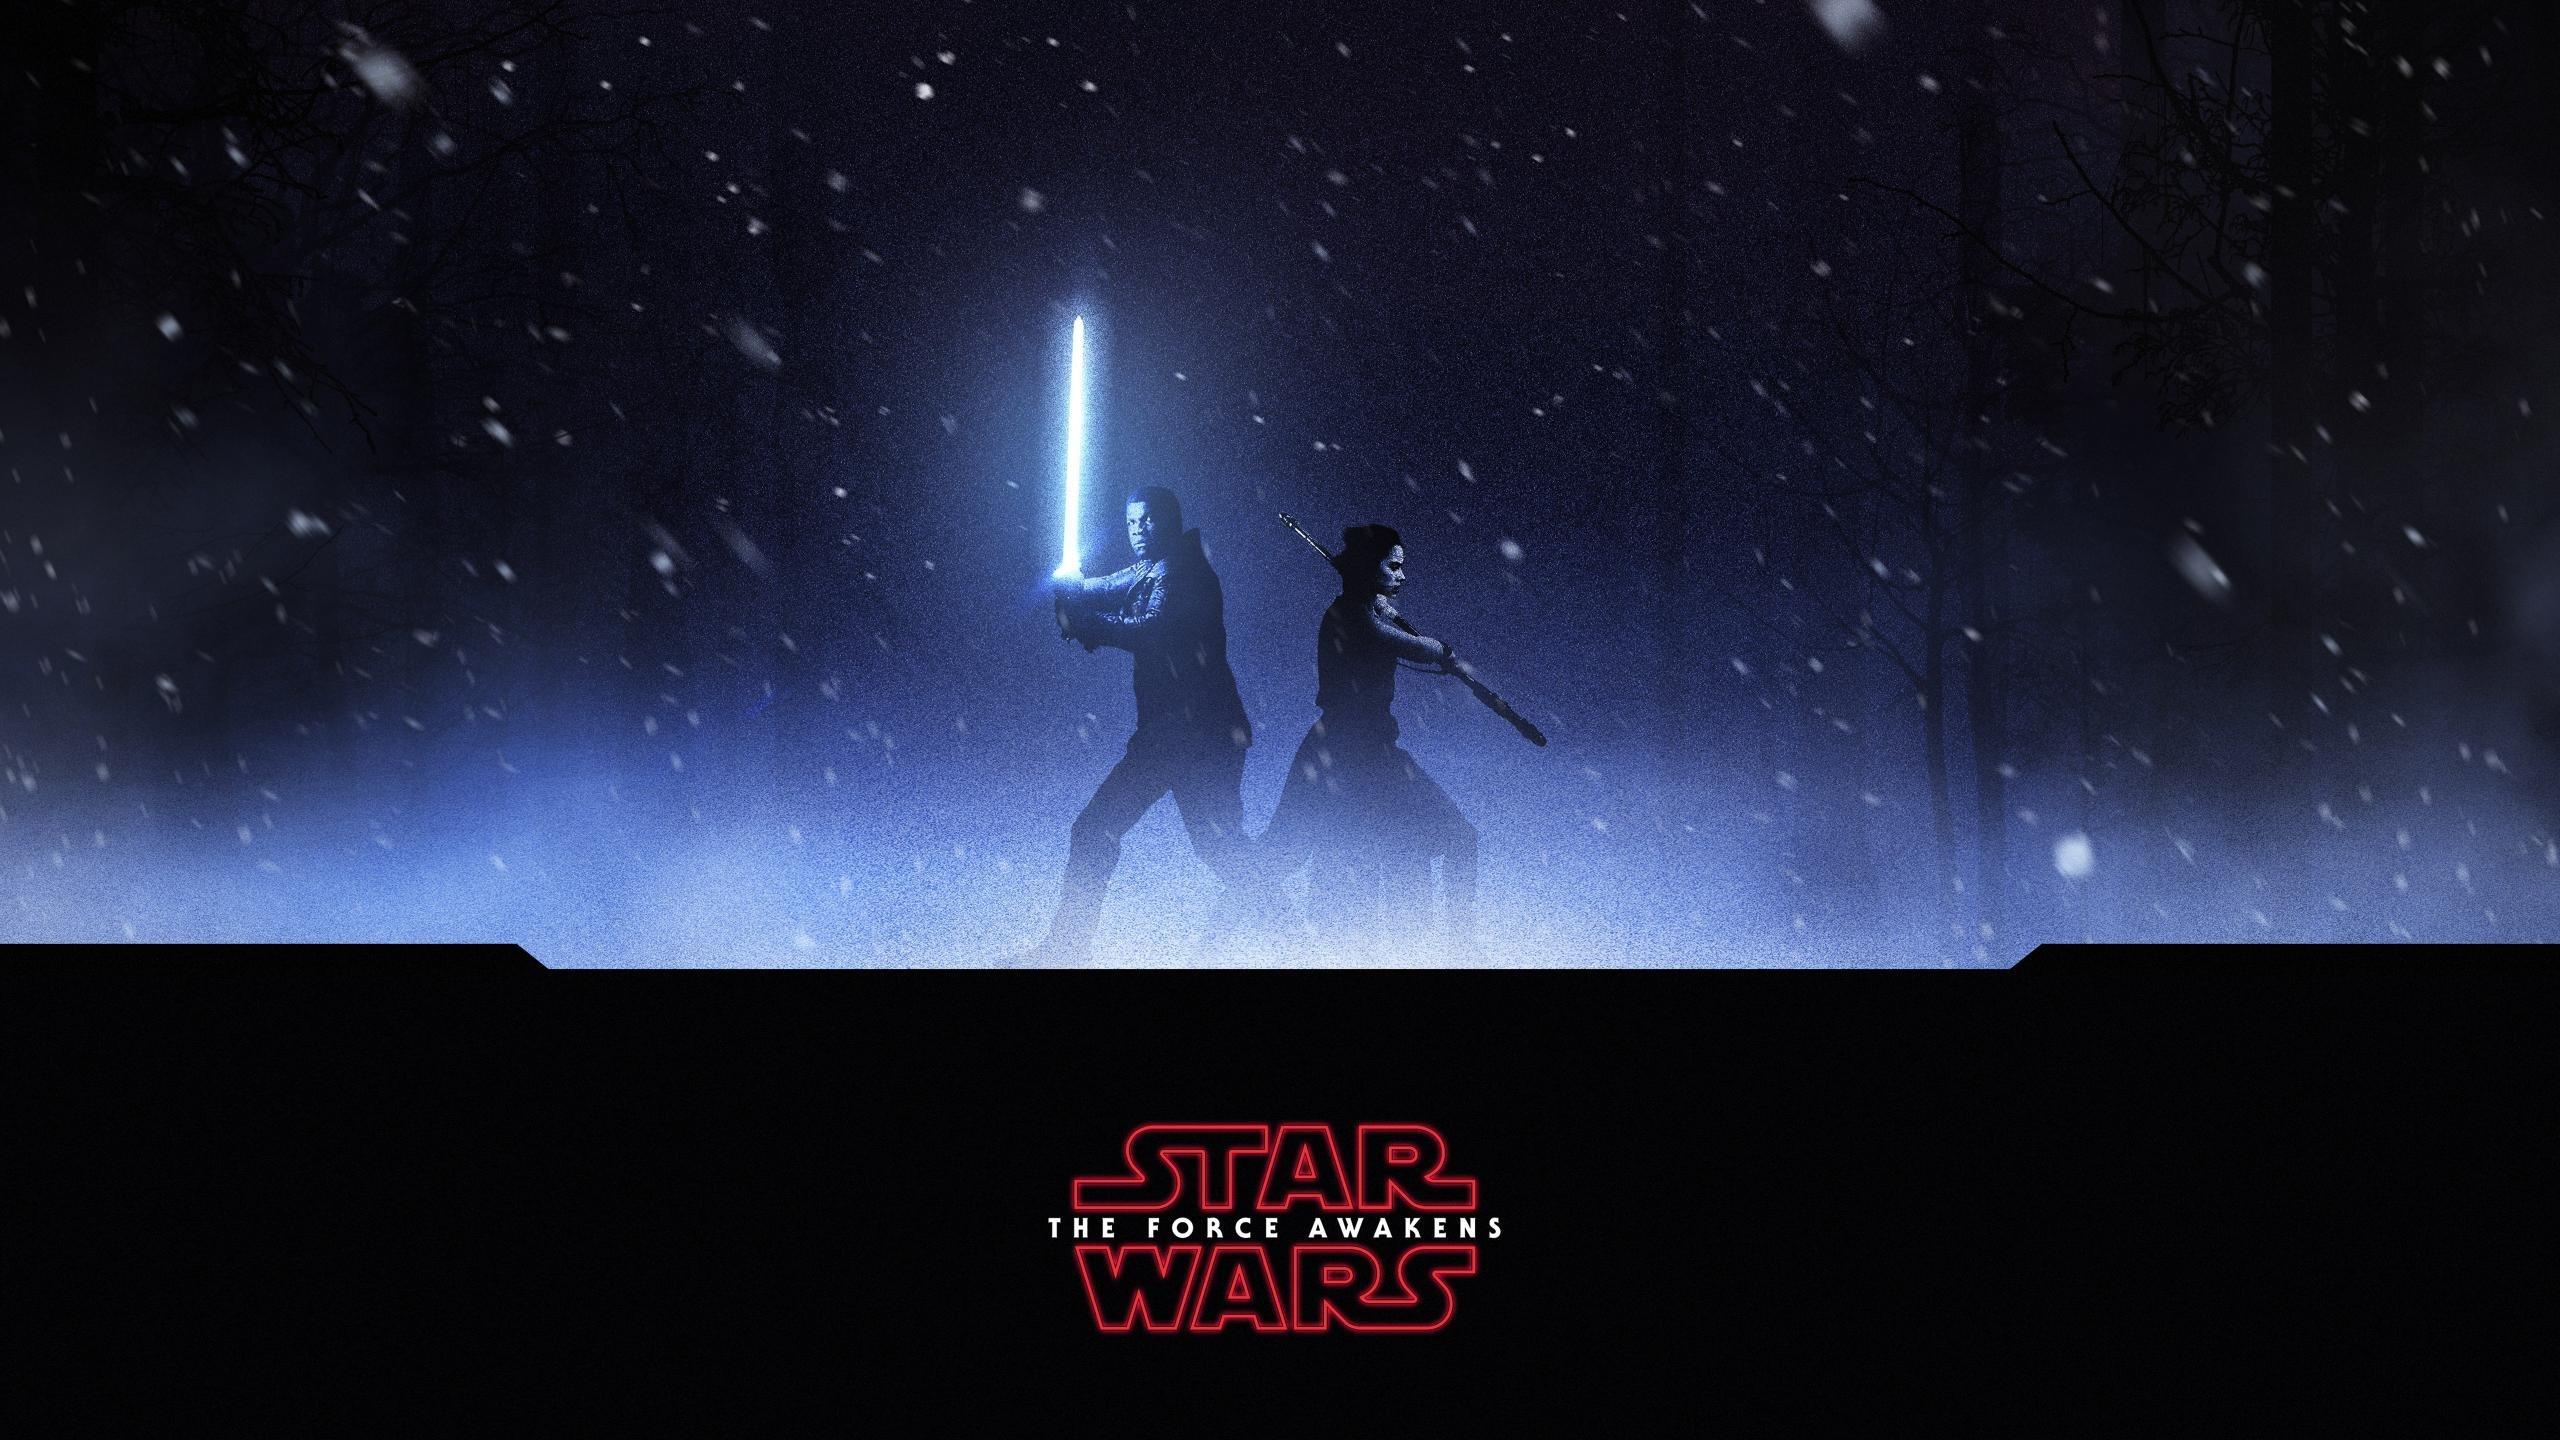 Rey Star Wars Wallpapers 2560x1440 Desktop Backgrounds